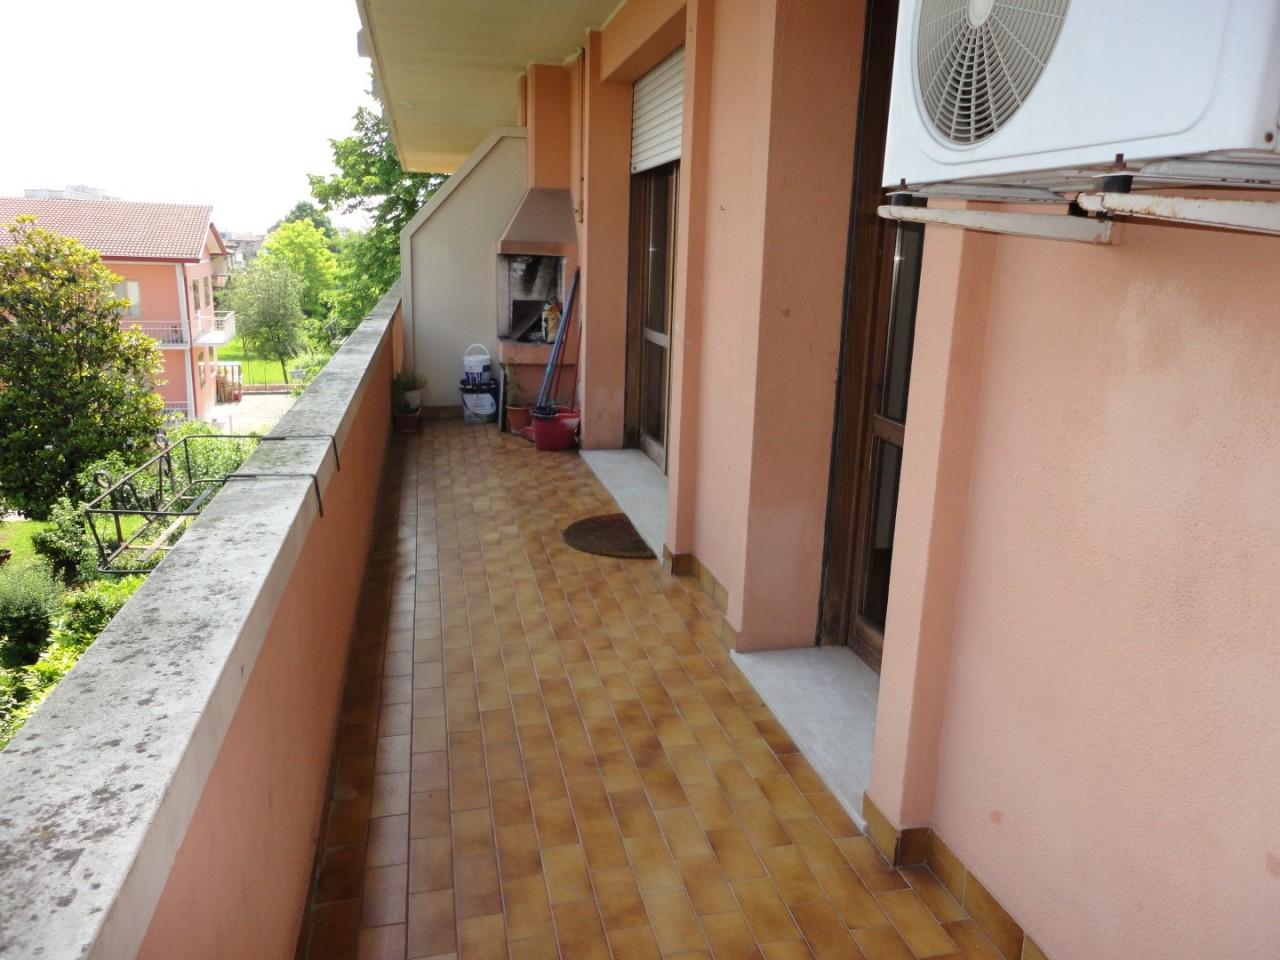 L495 Appartamento bicamere con terrazzo in affitto a Montegrotto Terme https://media.gestionaleimmobiliare.it/foto/annunci/190604/2014770/1280x1280/012__13_terrazzo.jpg